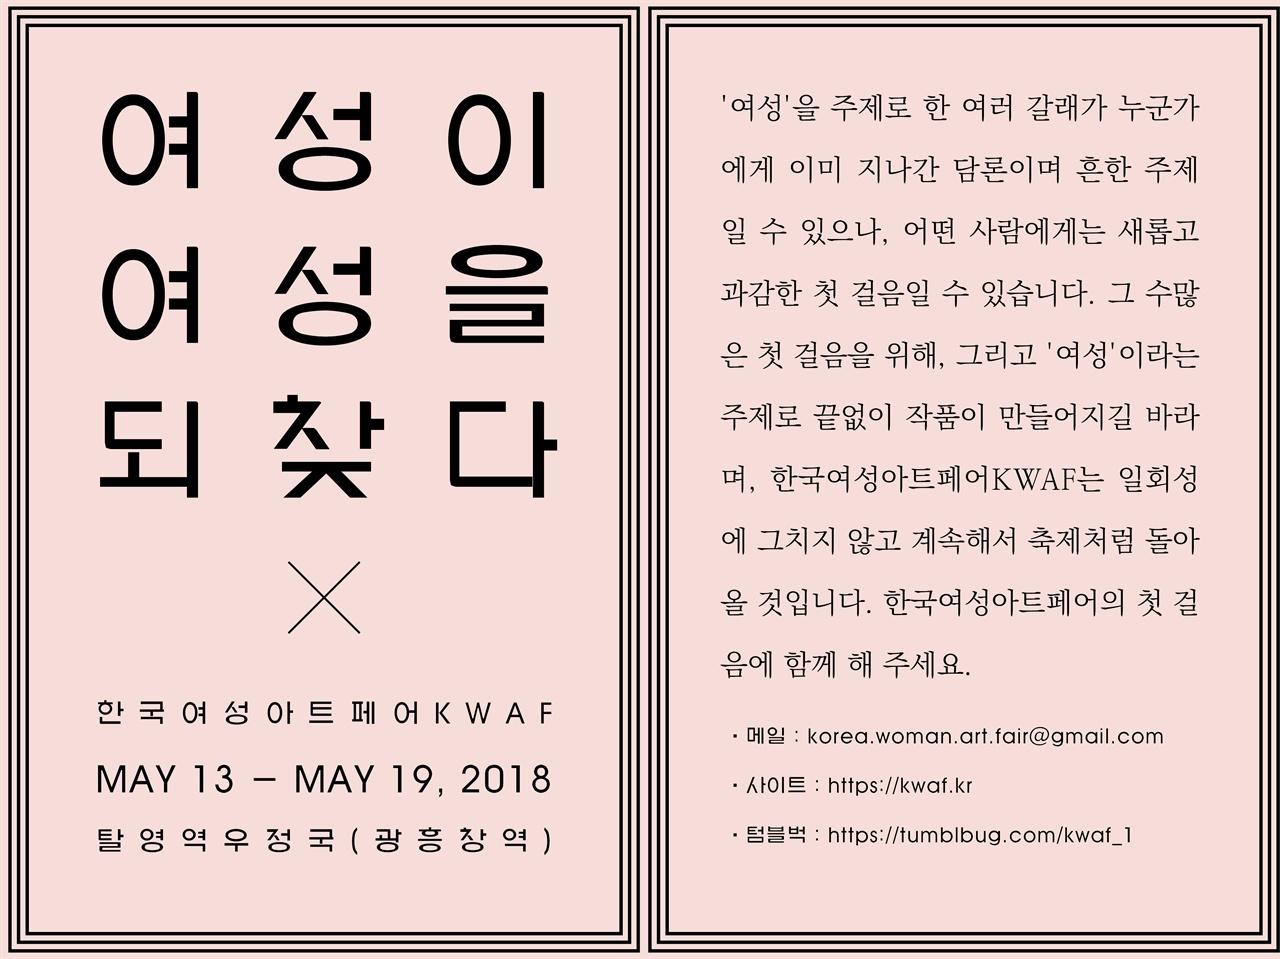 제1회 한국여성아트페어 KWAF 홍보자료